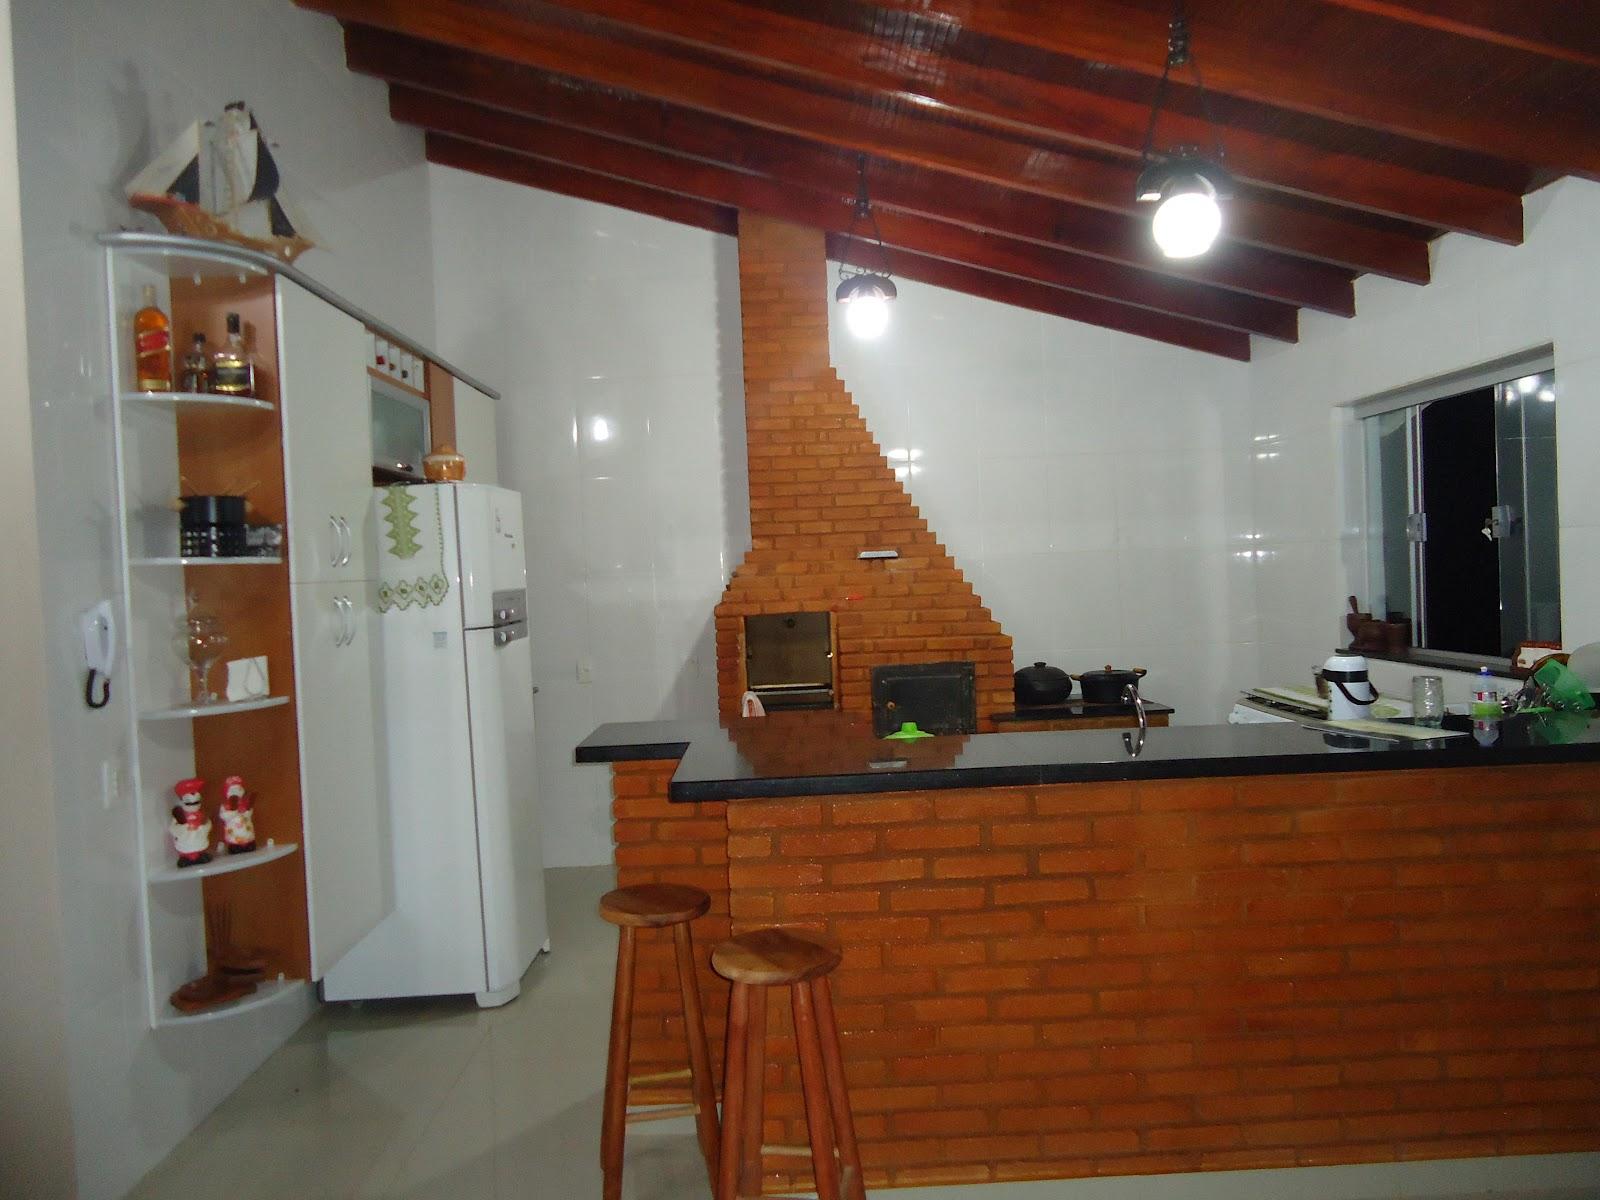 Aqui é a area de lazer e onde eu cozinho #6E3316 1600 1200